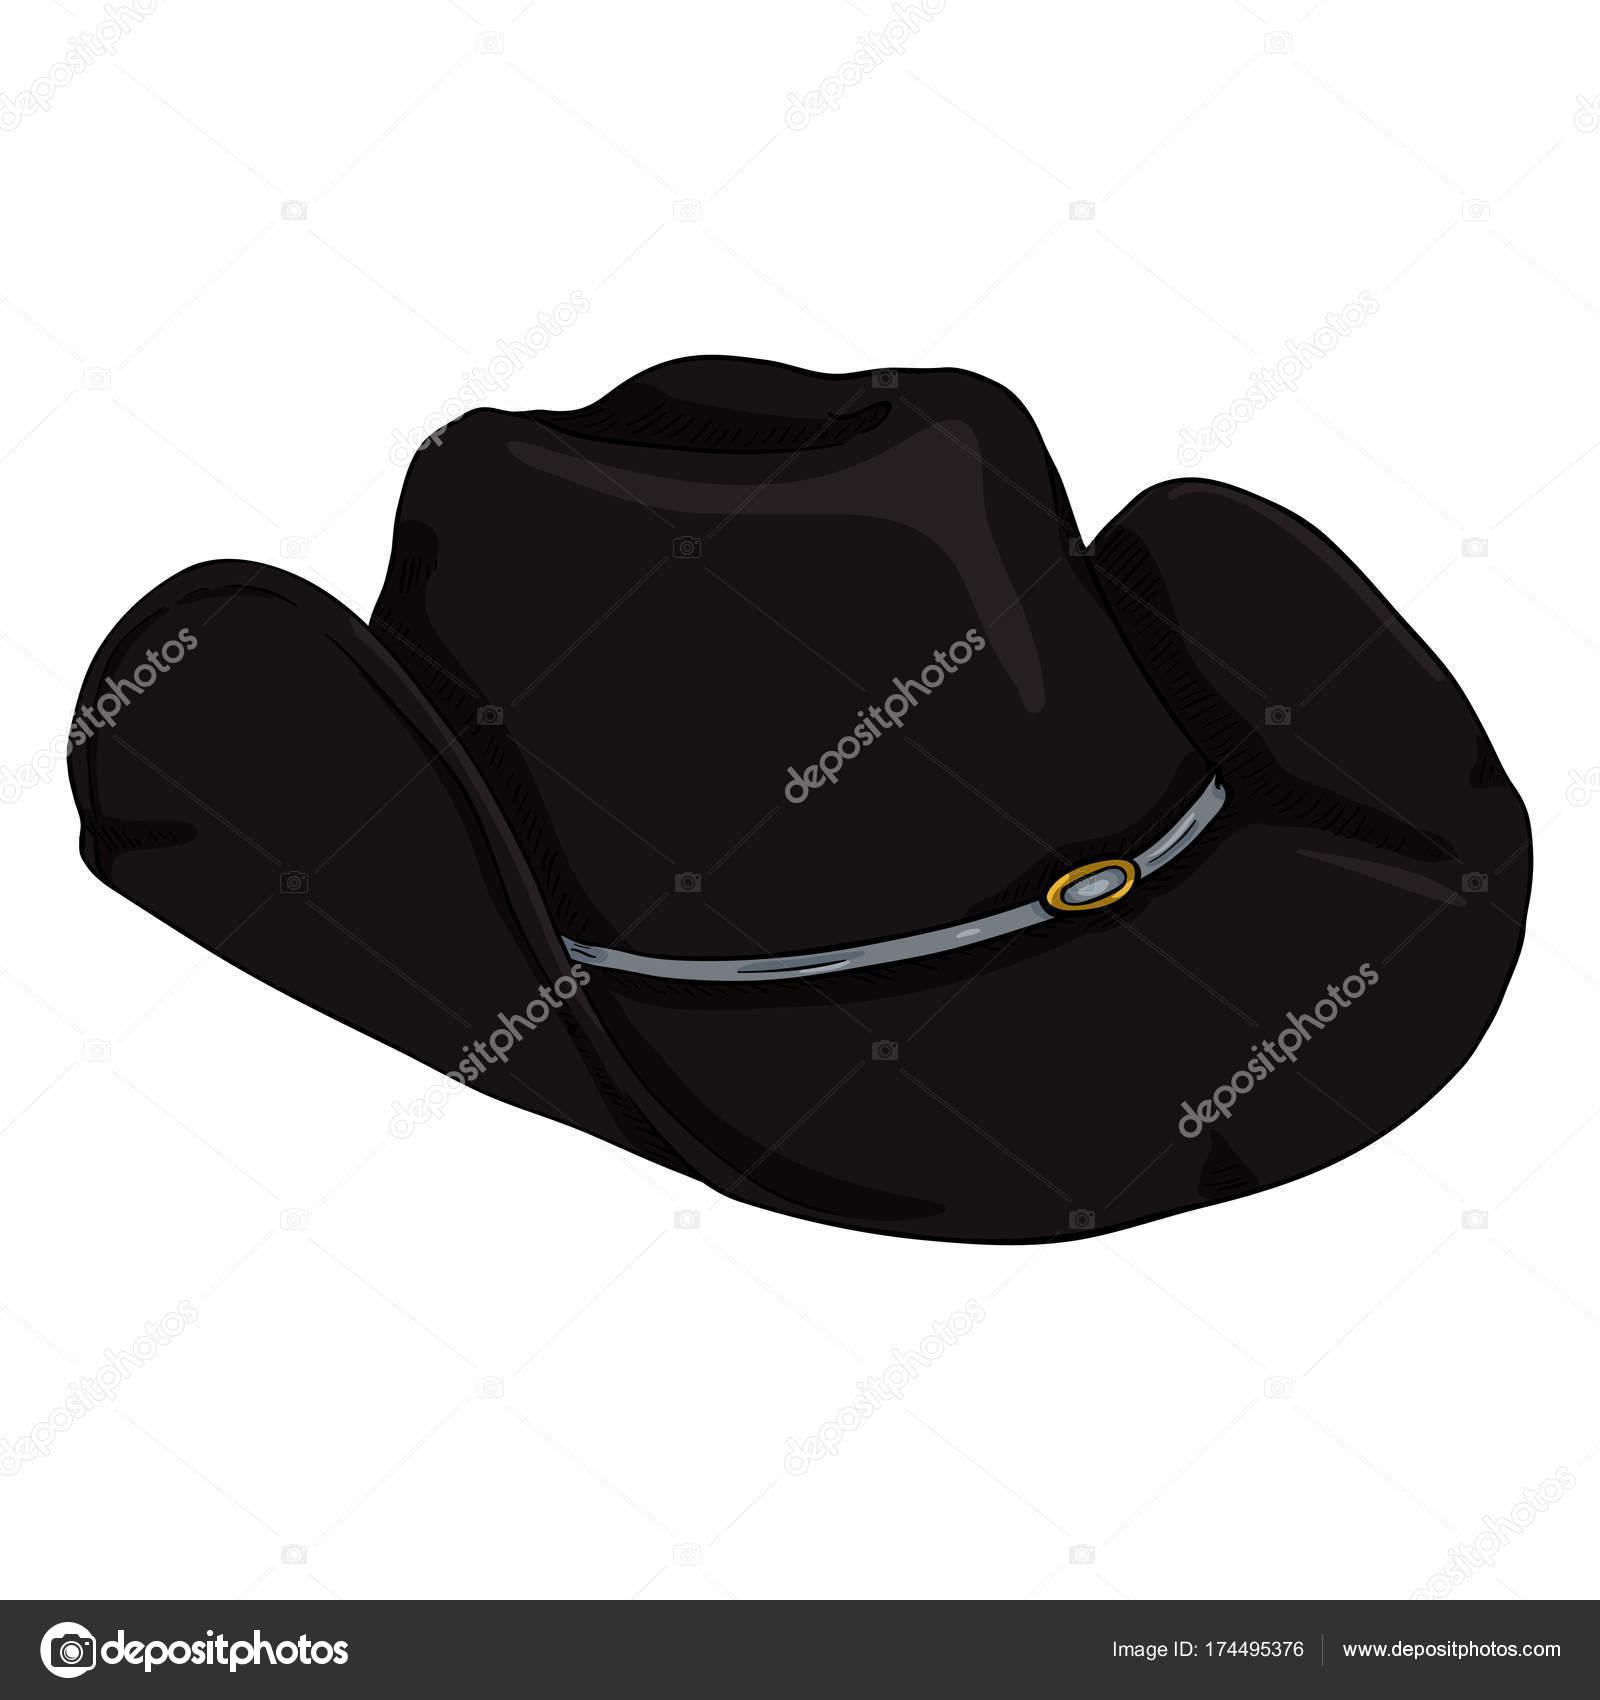 Sombrero de vaquero negro de dibujos animados solo vector en blanco  Bcakground - imágenes  formas de sombreros vaqueros — Vector de nikiteev —  Vector de ... 5d7782c3b85